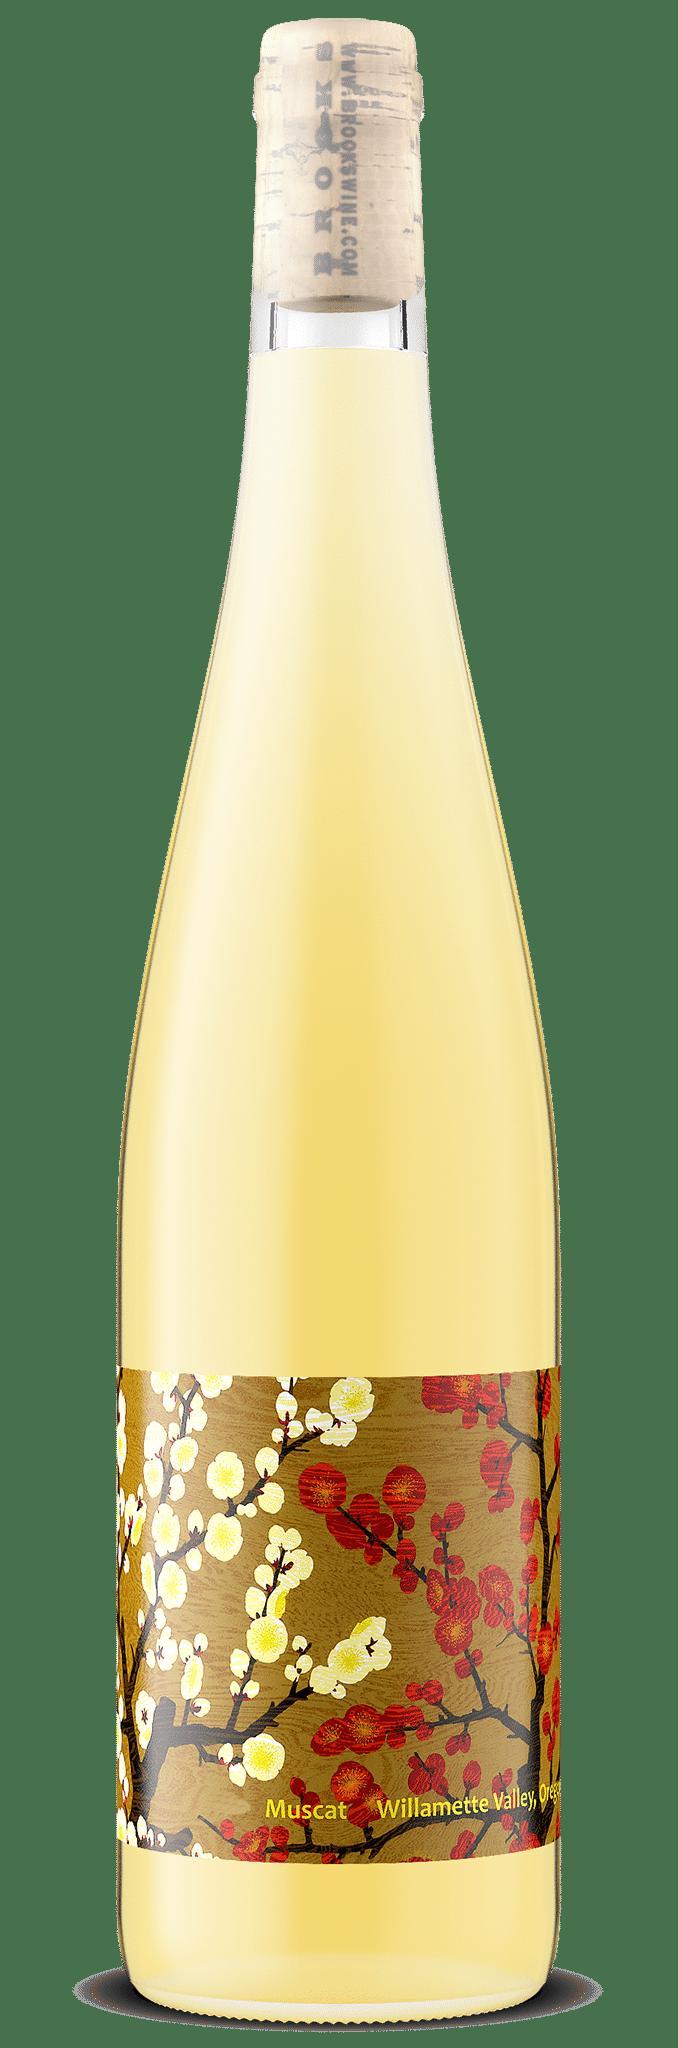 2018 Eola Springs Muscat